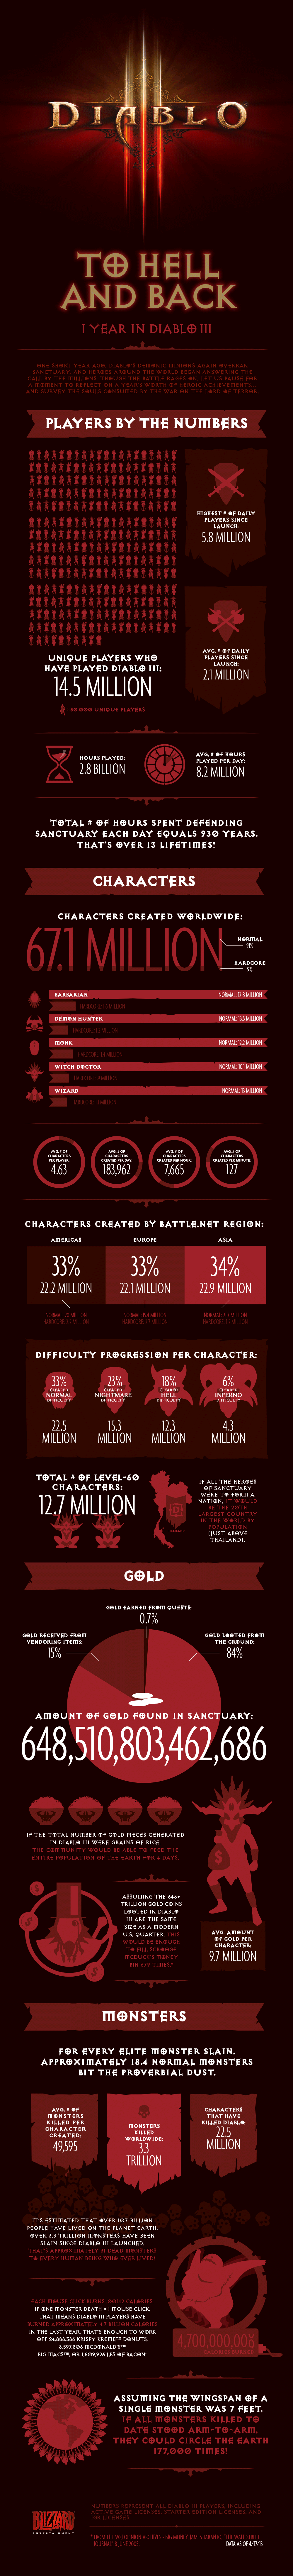 diablo-iii-infografica-statistiche-primo-anno